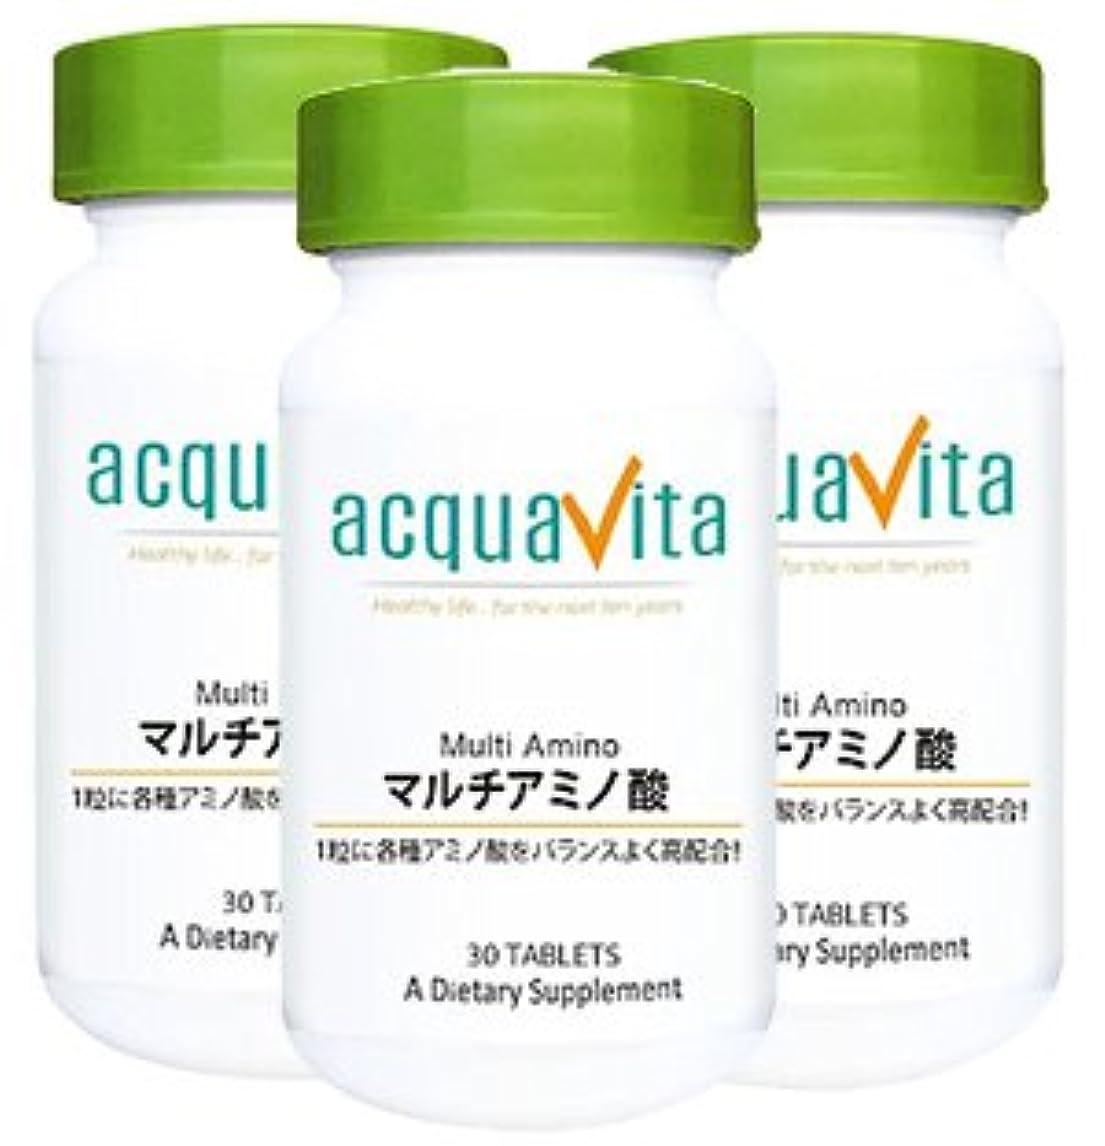 アクアヴィータ マルチアミノ酸(アクアビータ?Acquavita)【3本セット】